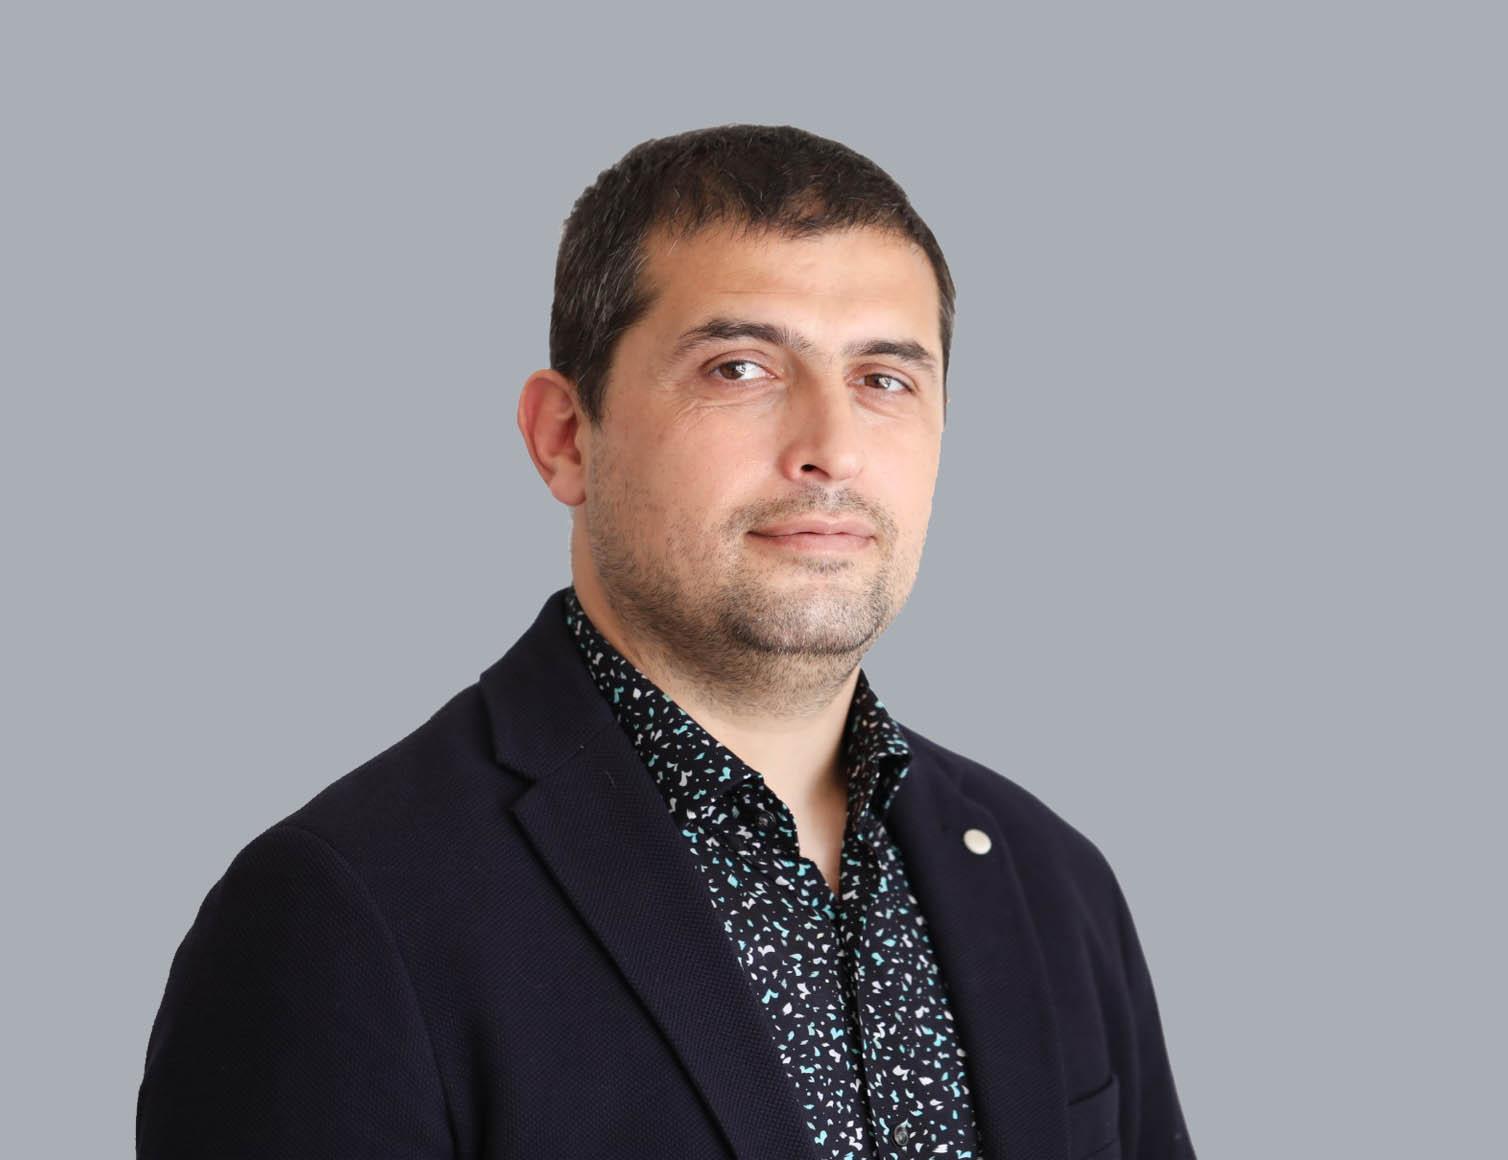 Faridun Askardaev